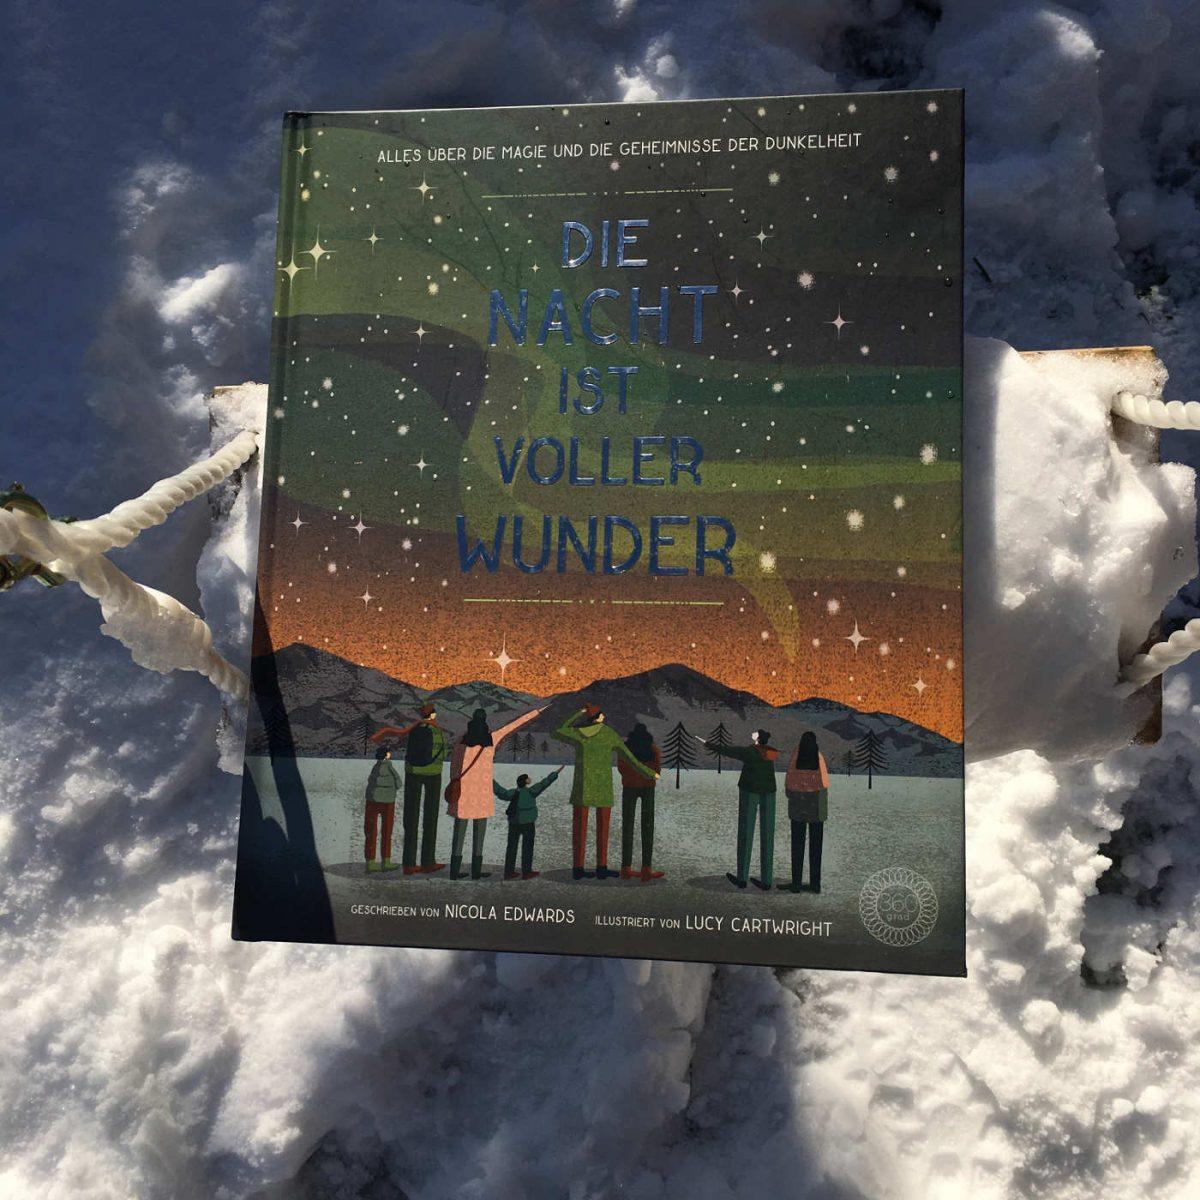 Nicola Edwards Lucy Cartwright Die Nacht ist voller Wunder Weihnachten Advent Buch Tipp toll Brigitte Wallingers Kinderbuchblog Jugendbuchblog Buchtipps für Kinder und Jugendliche Buchempfehlungen für Teens und Kids Buchperlen junge Literatur